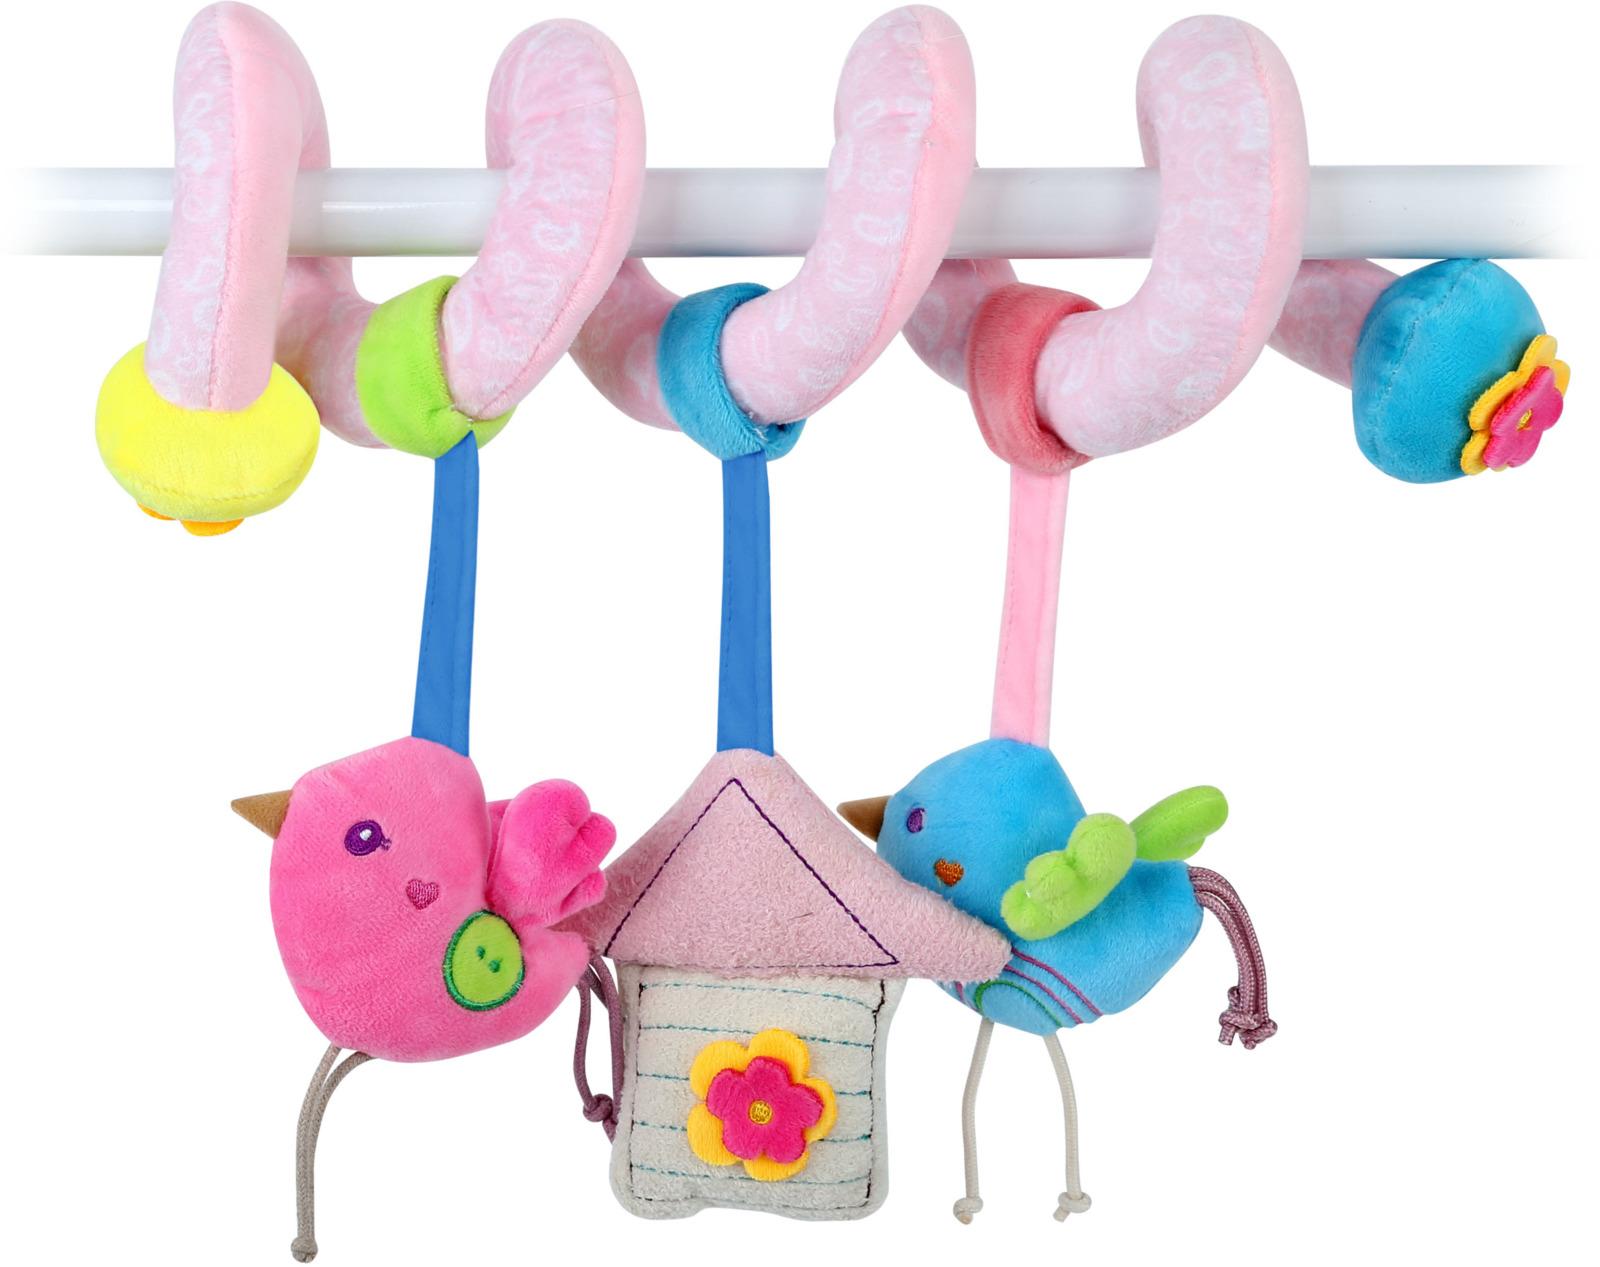 Развивающая игрушка спираль Lorelli Toys Милый дом. 10191210001 развивающая игрушка lorelli toys слоник 1019117